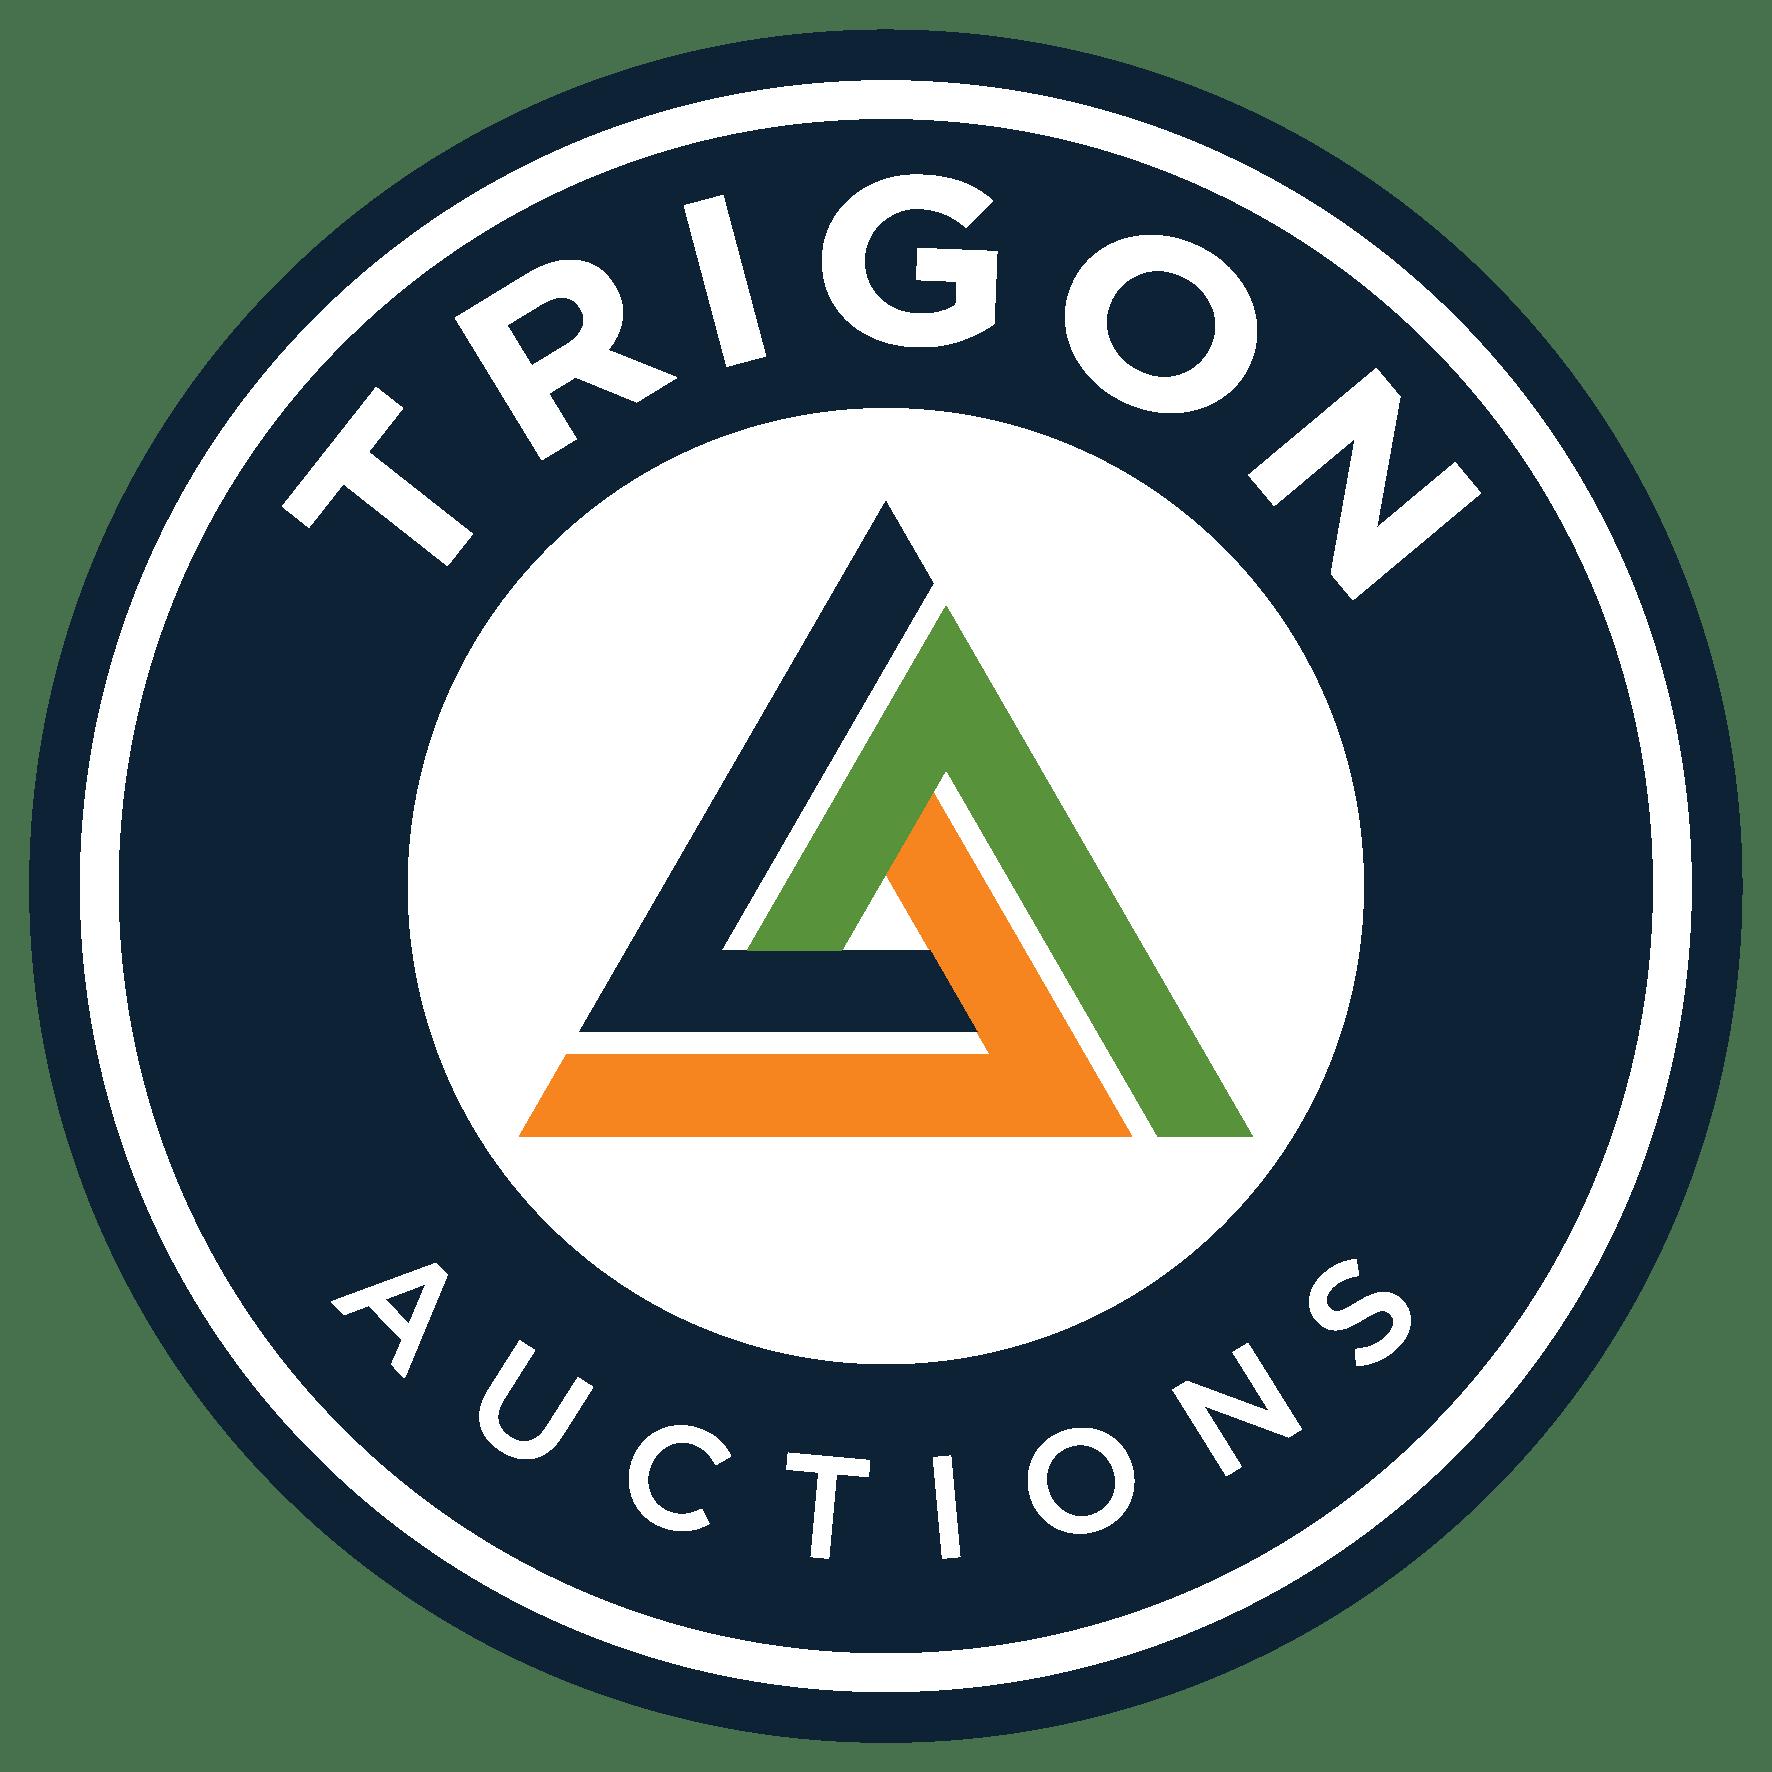 Trigon Auctions – Trigon